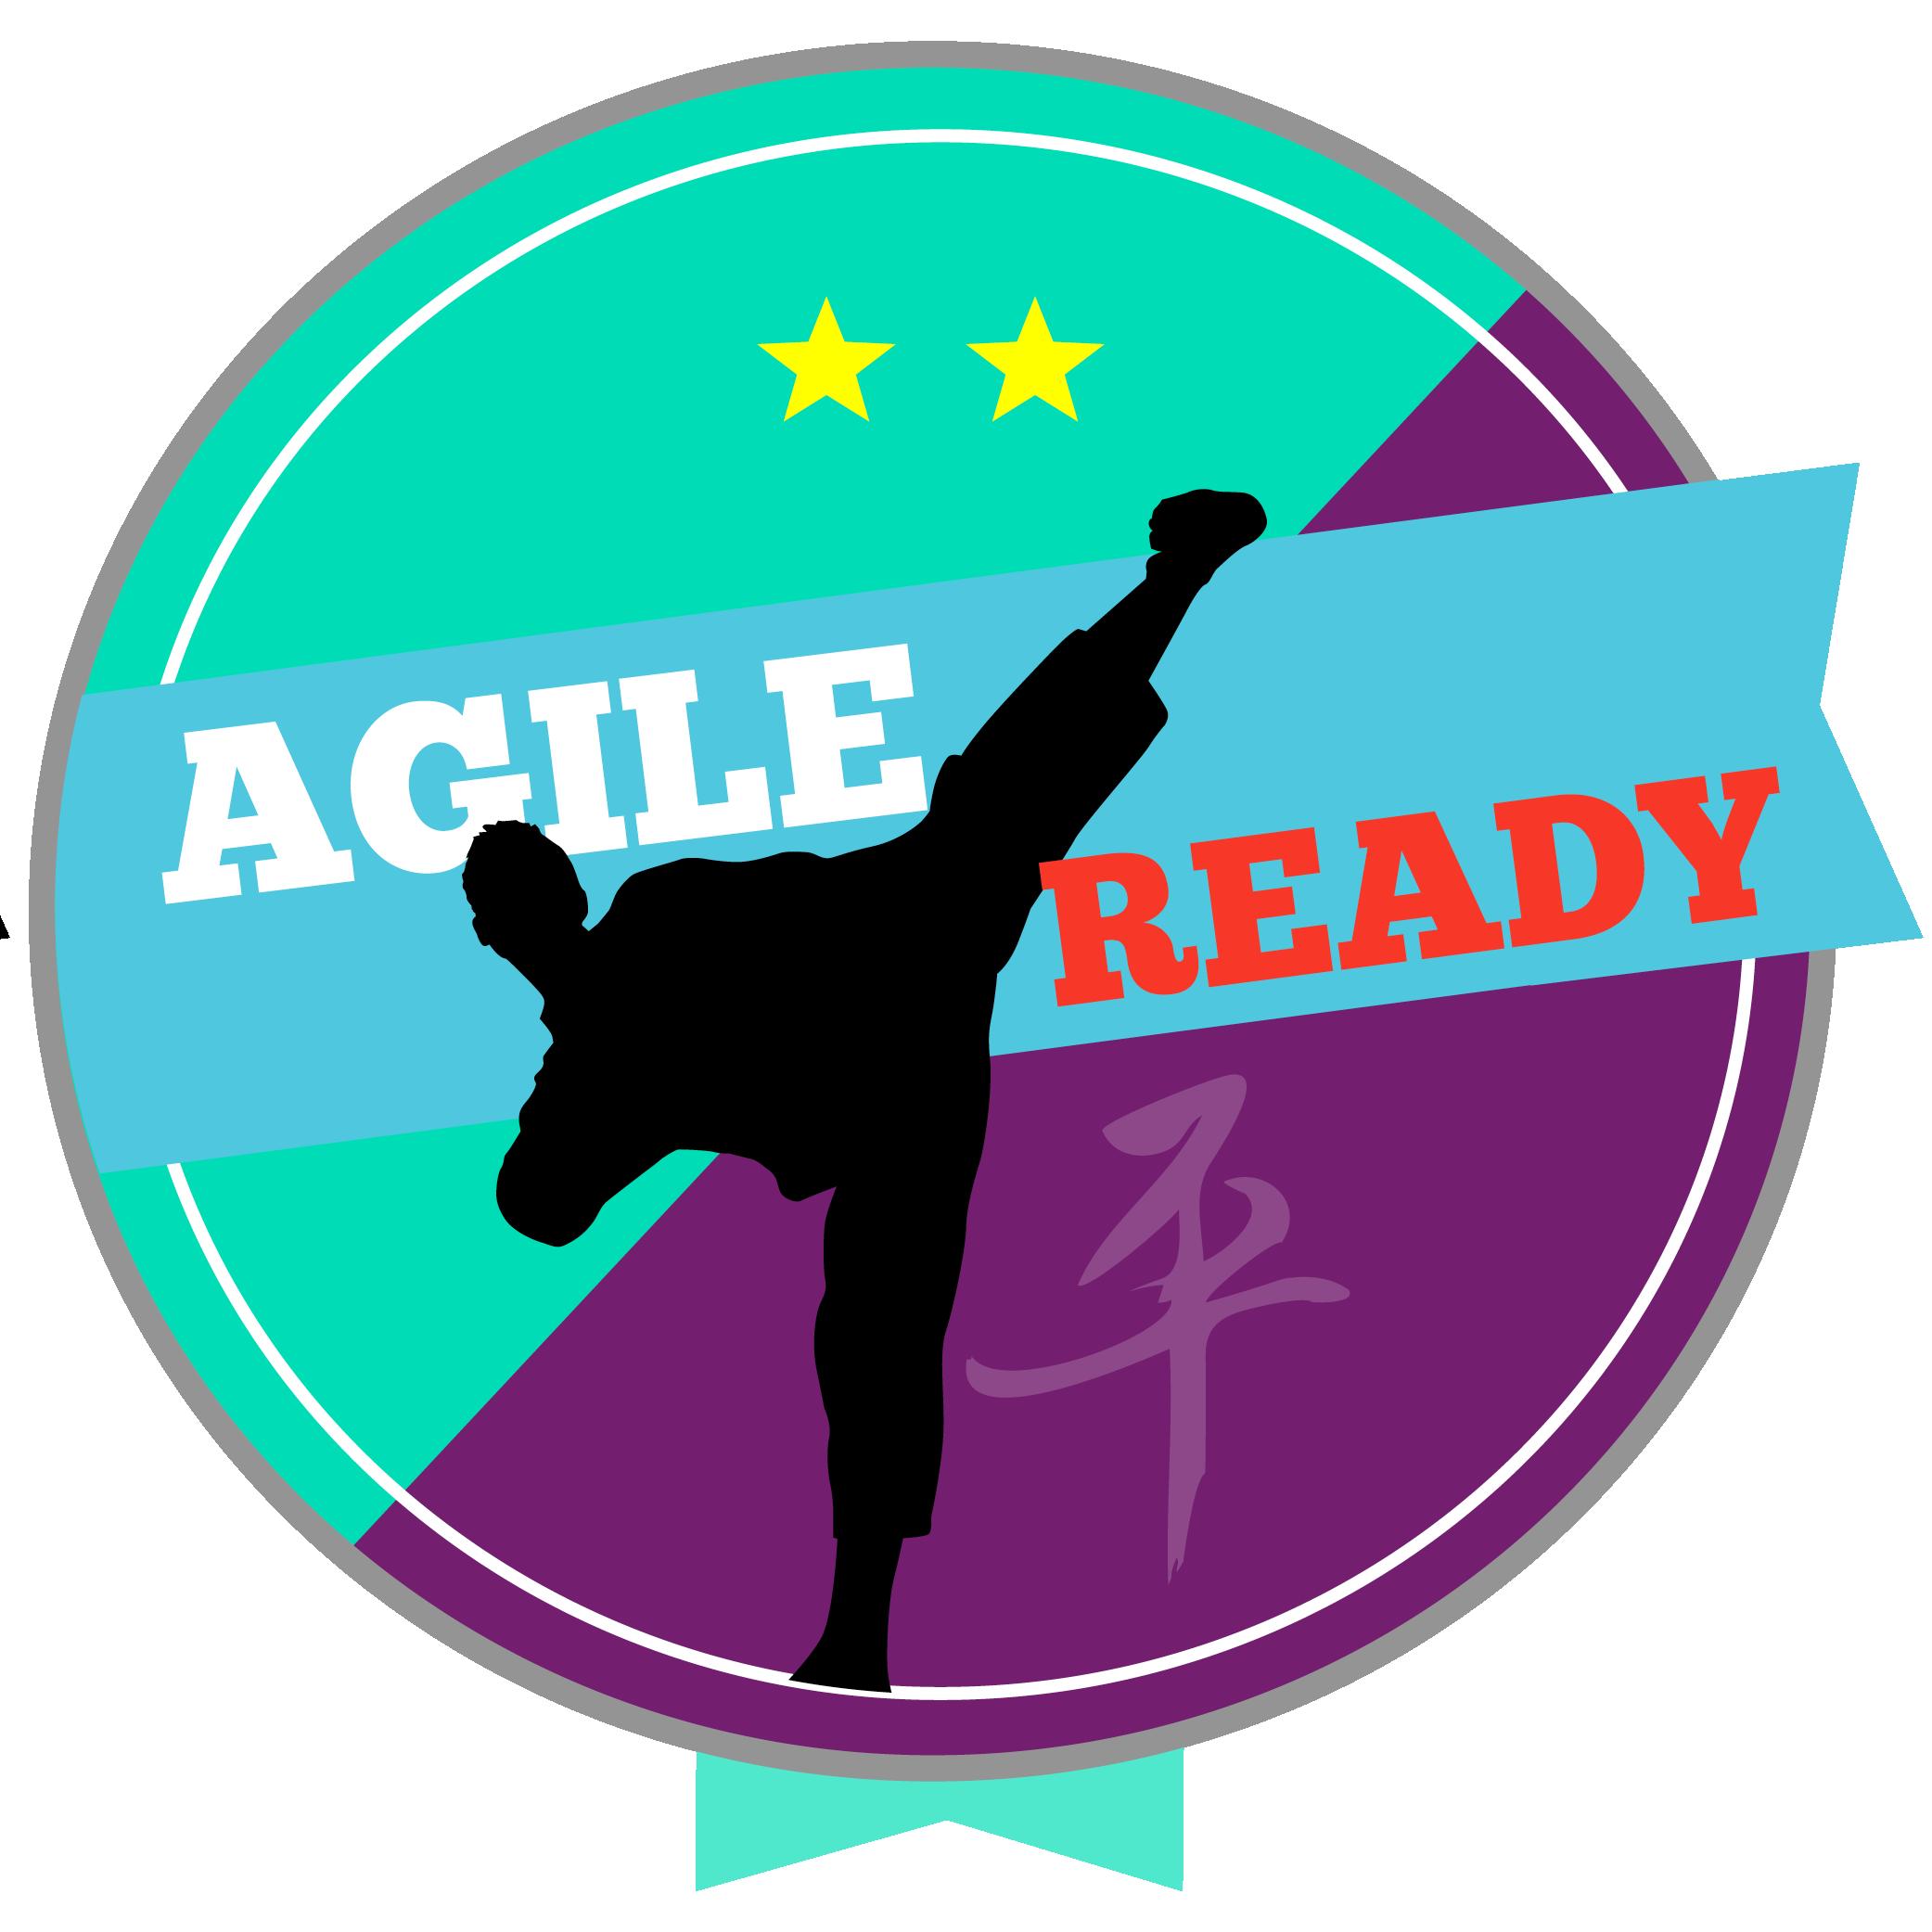 AgileReady_V2